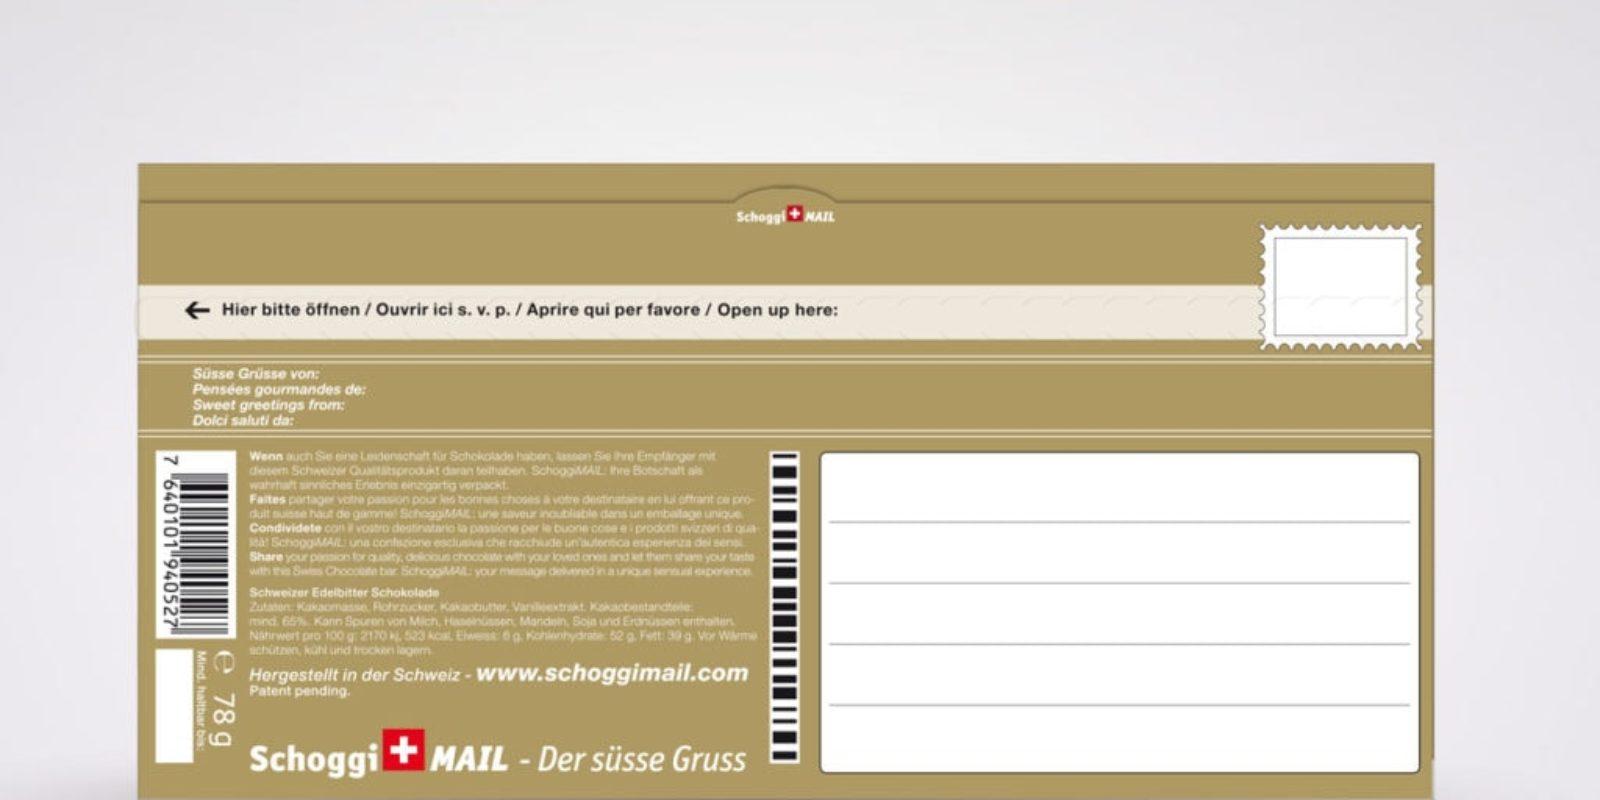 1137851-SchoggiMAIL-Einfach-so_back